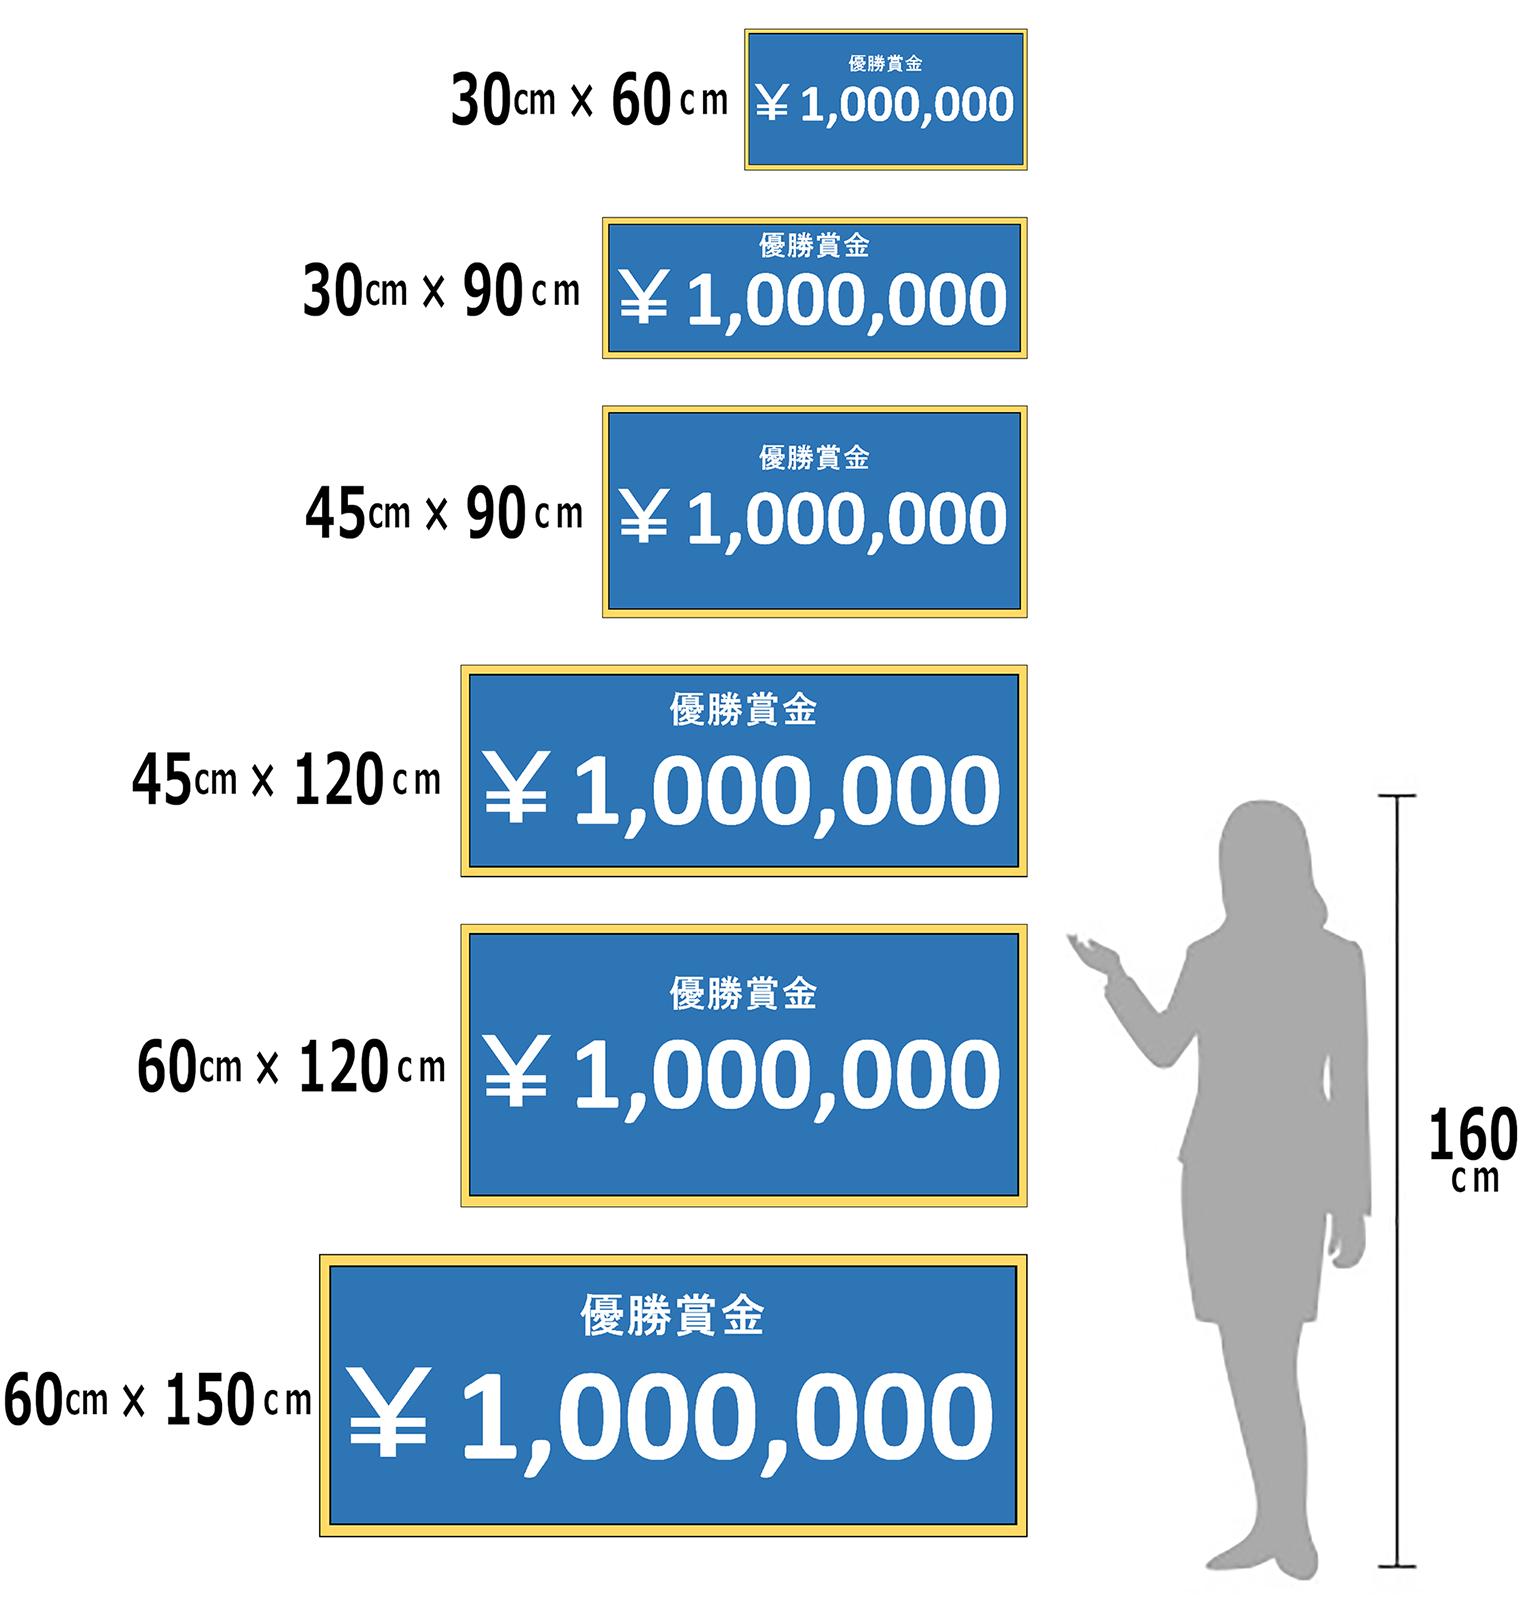 賞金パネル_size